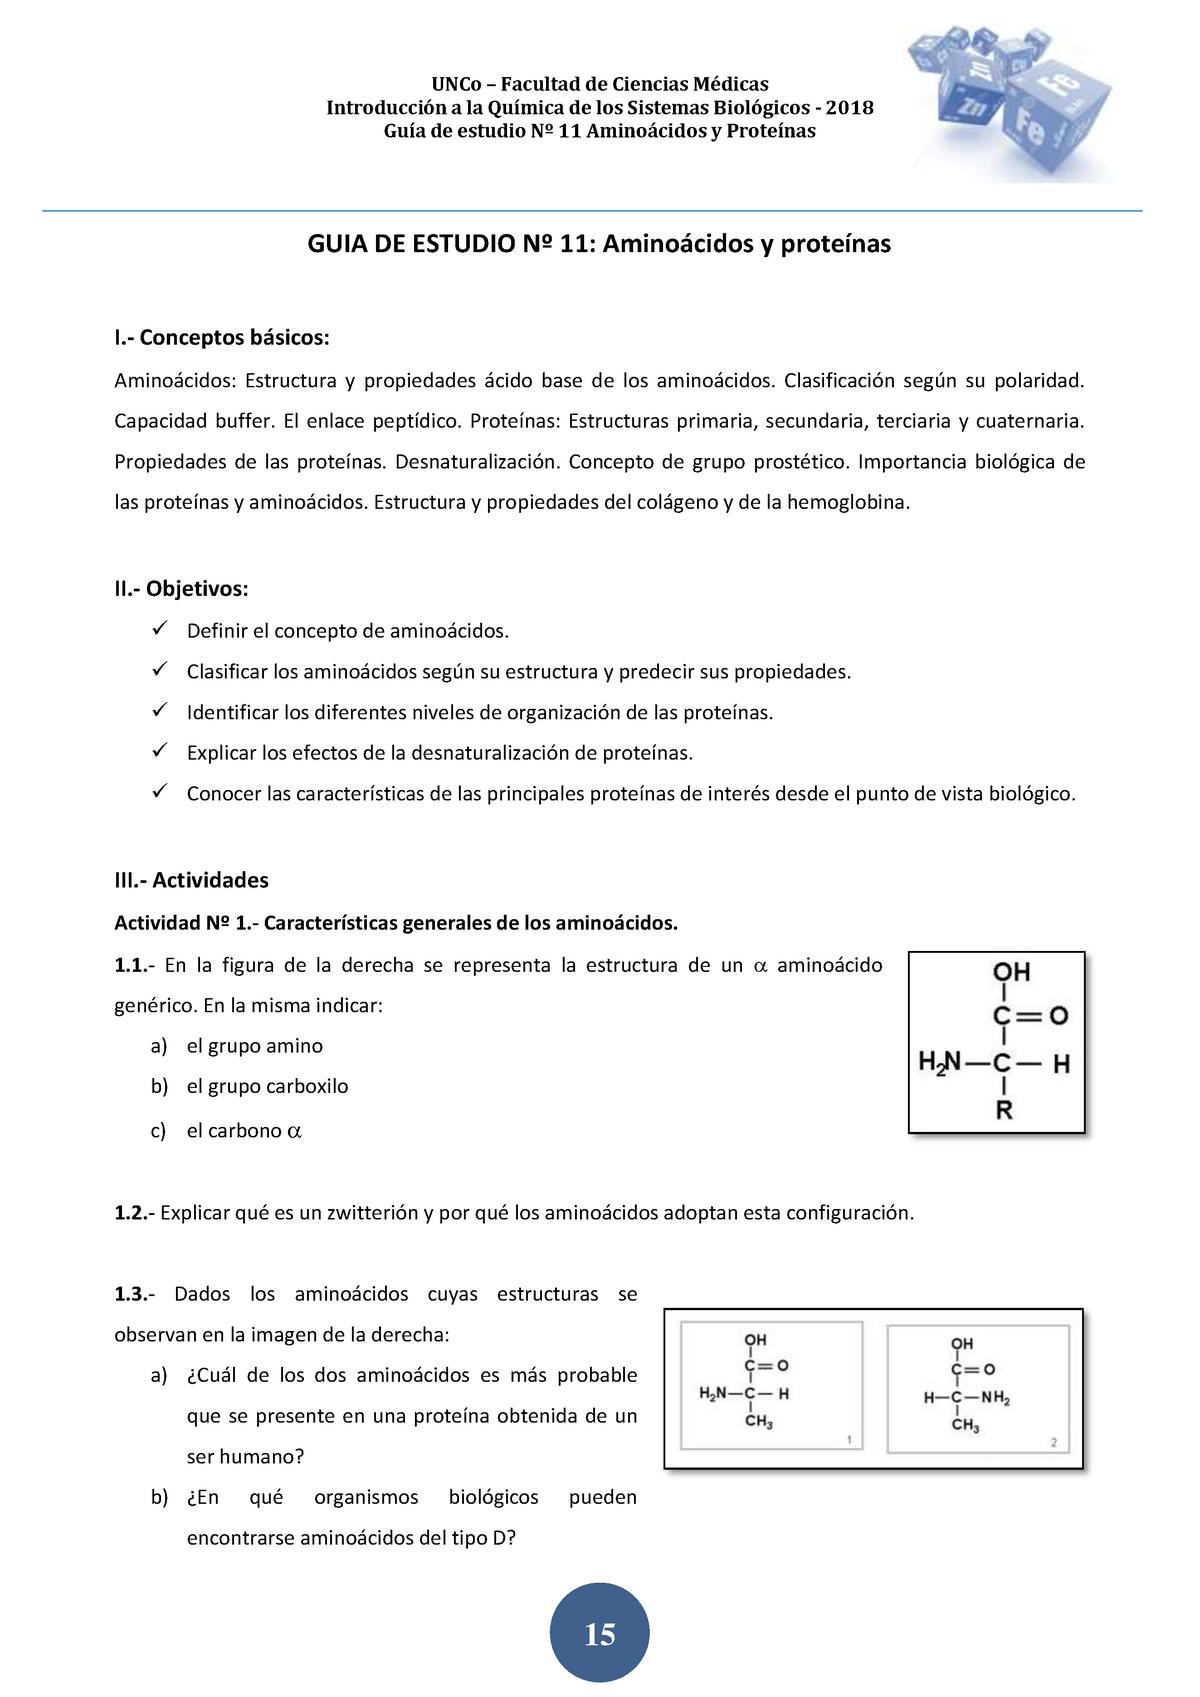 2018 Guia De Estudio Nº 11 Aa Y Proteinas Uncoma Studocu